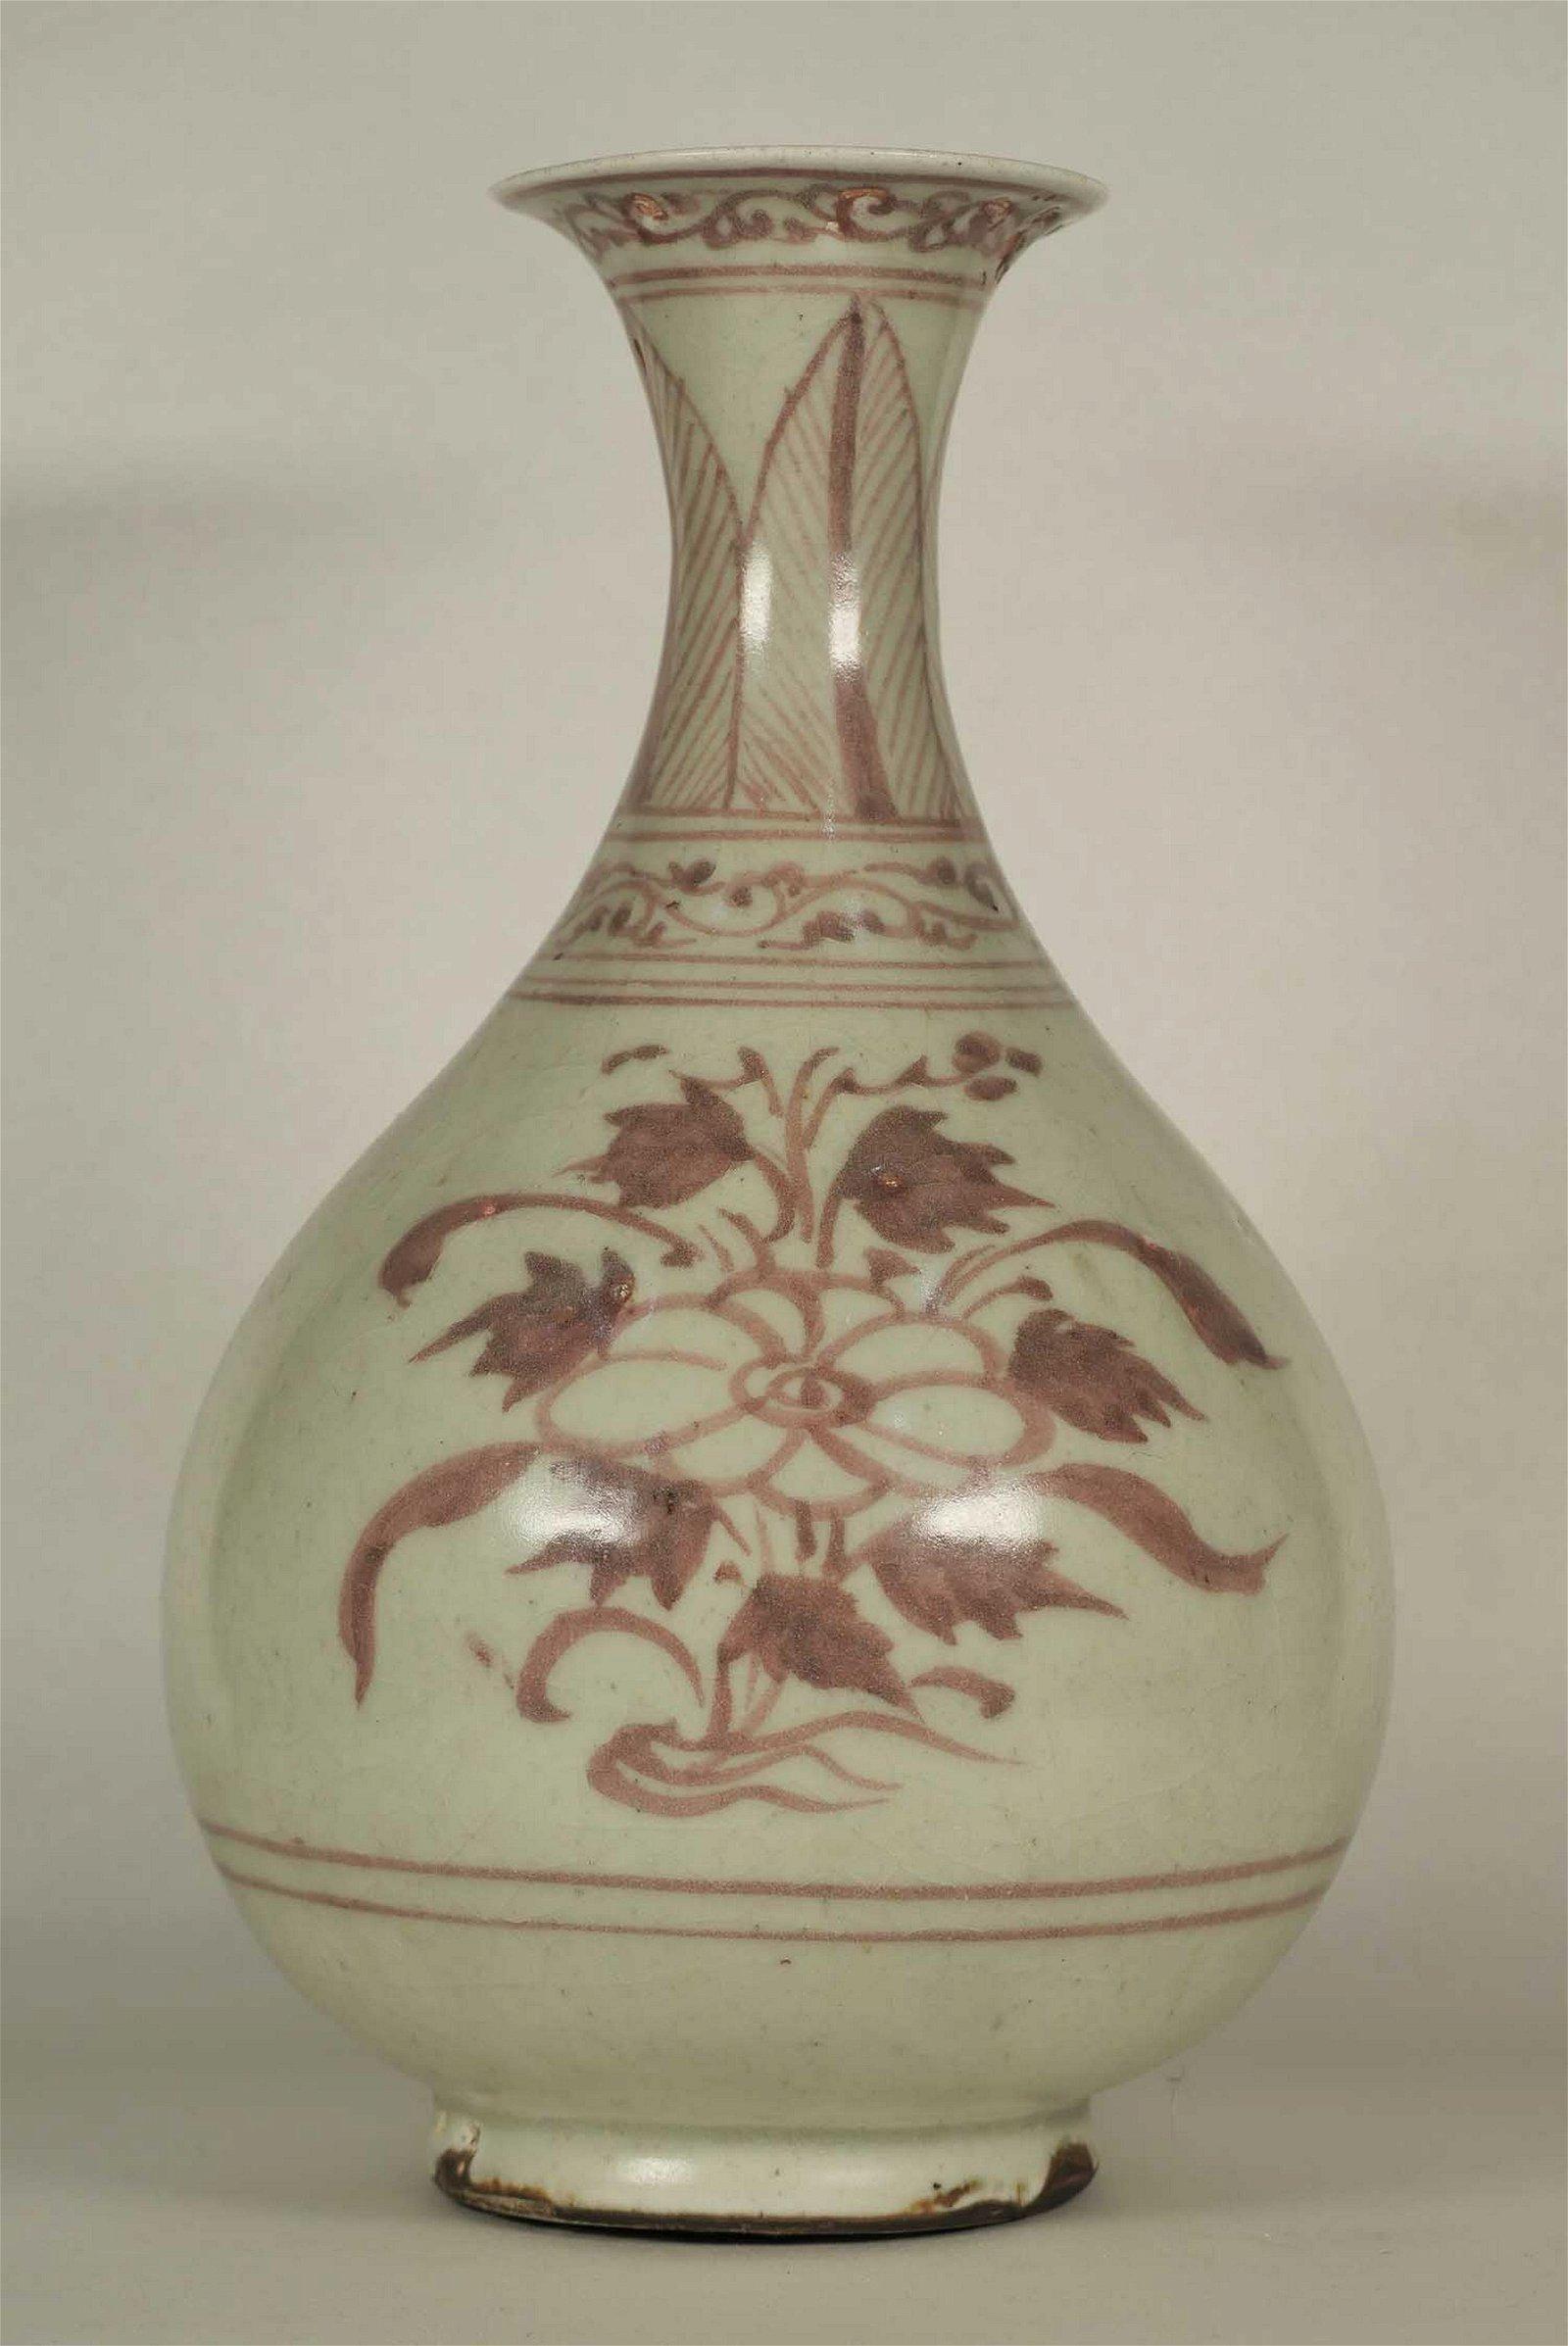 Yuhuchun Vase with Floral Motif, Yuan